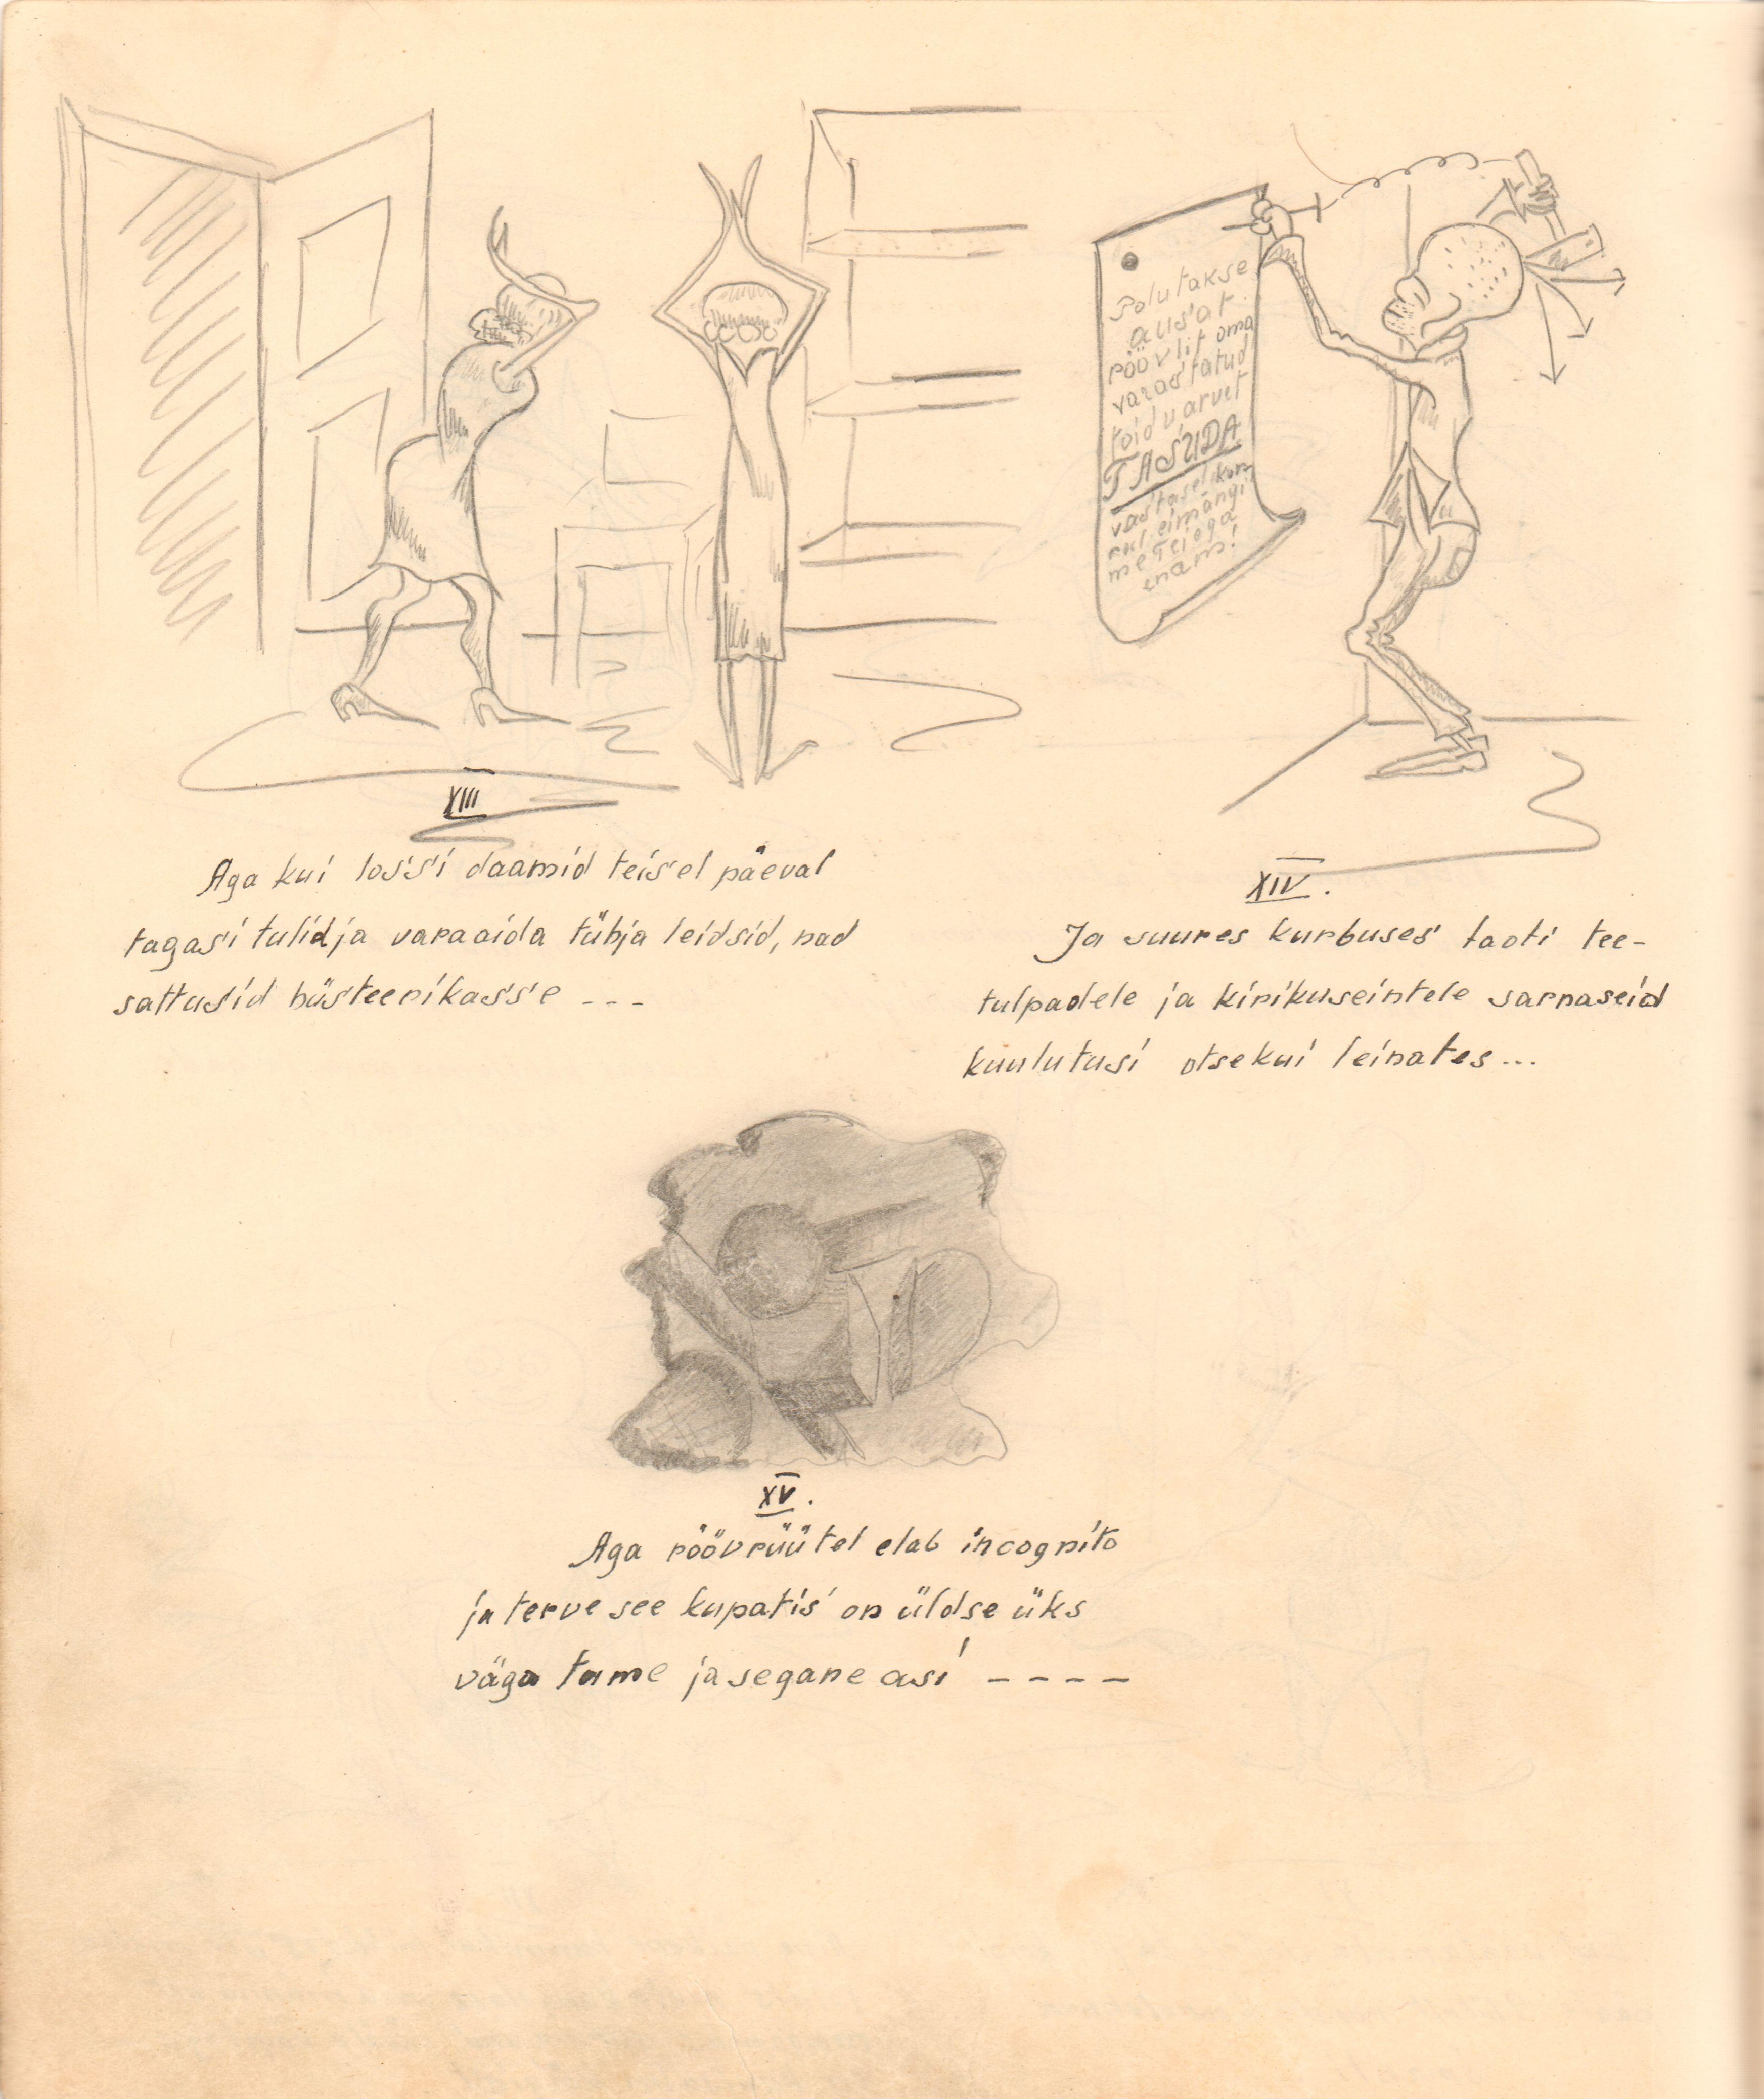 """Tragikoomiline piltjutustus koos kommentaaridega märgiti üles 1930. aastal EÜS Ühendus liikmete poolt toimetatud ja kirjutatud päevik-ajakirja """"Kõhuvalu raamat"""" (EAA.1771.1.94). MDS00155"""